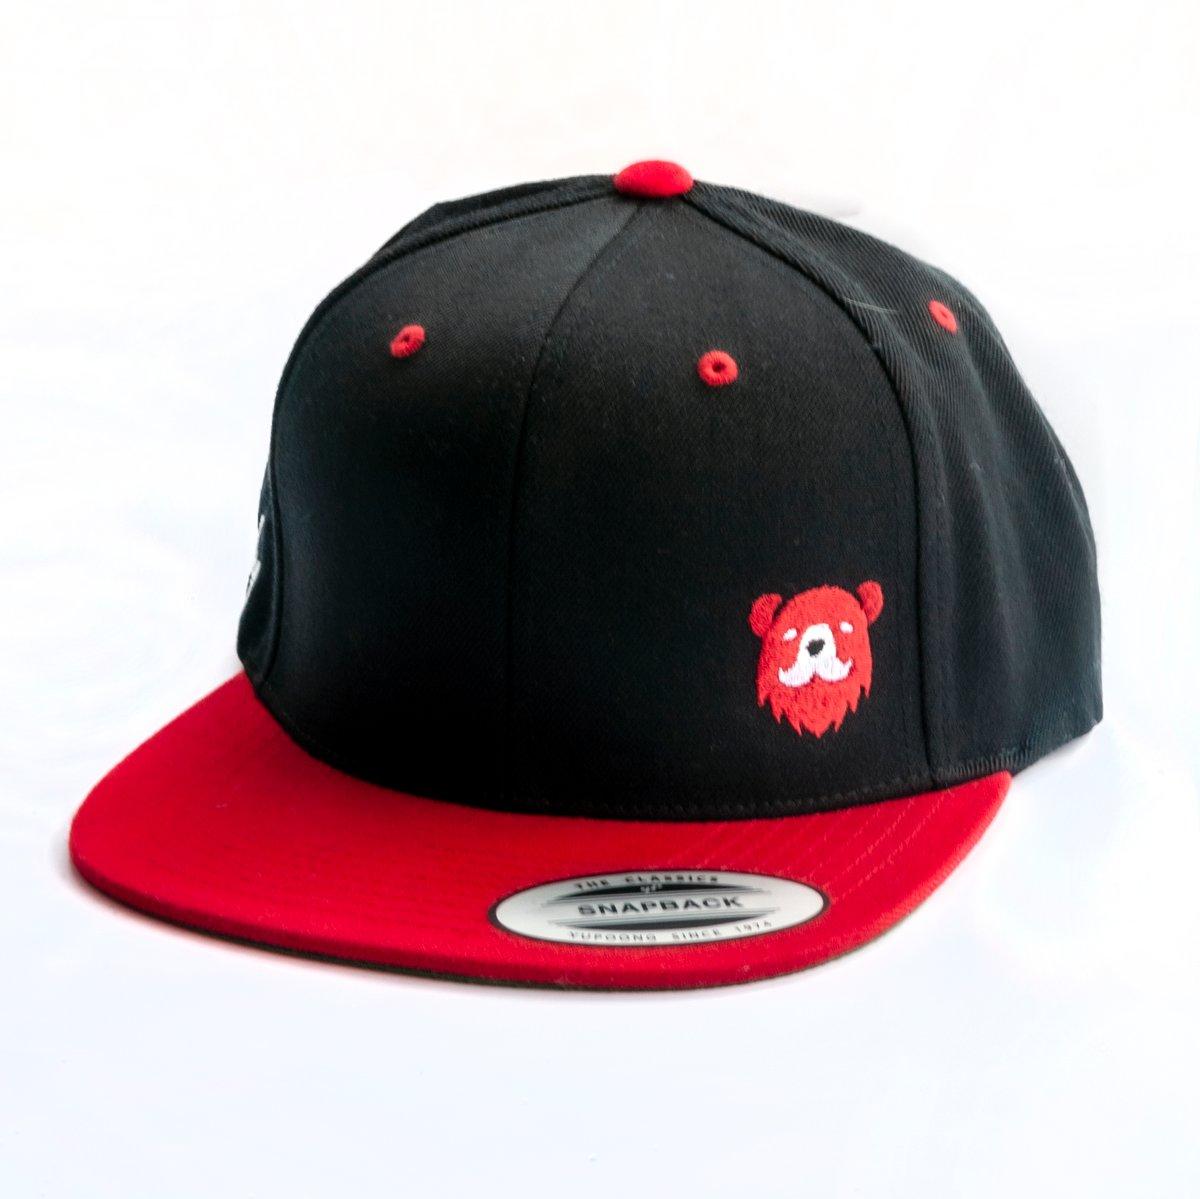 Burly Barber Cap - Black w/ Red Brim